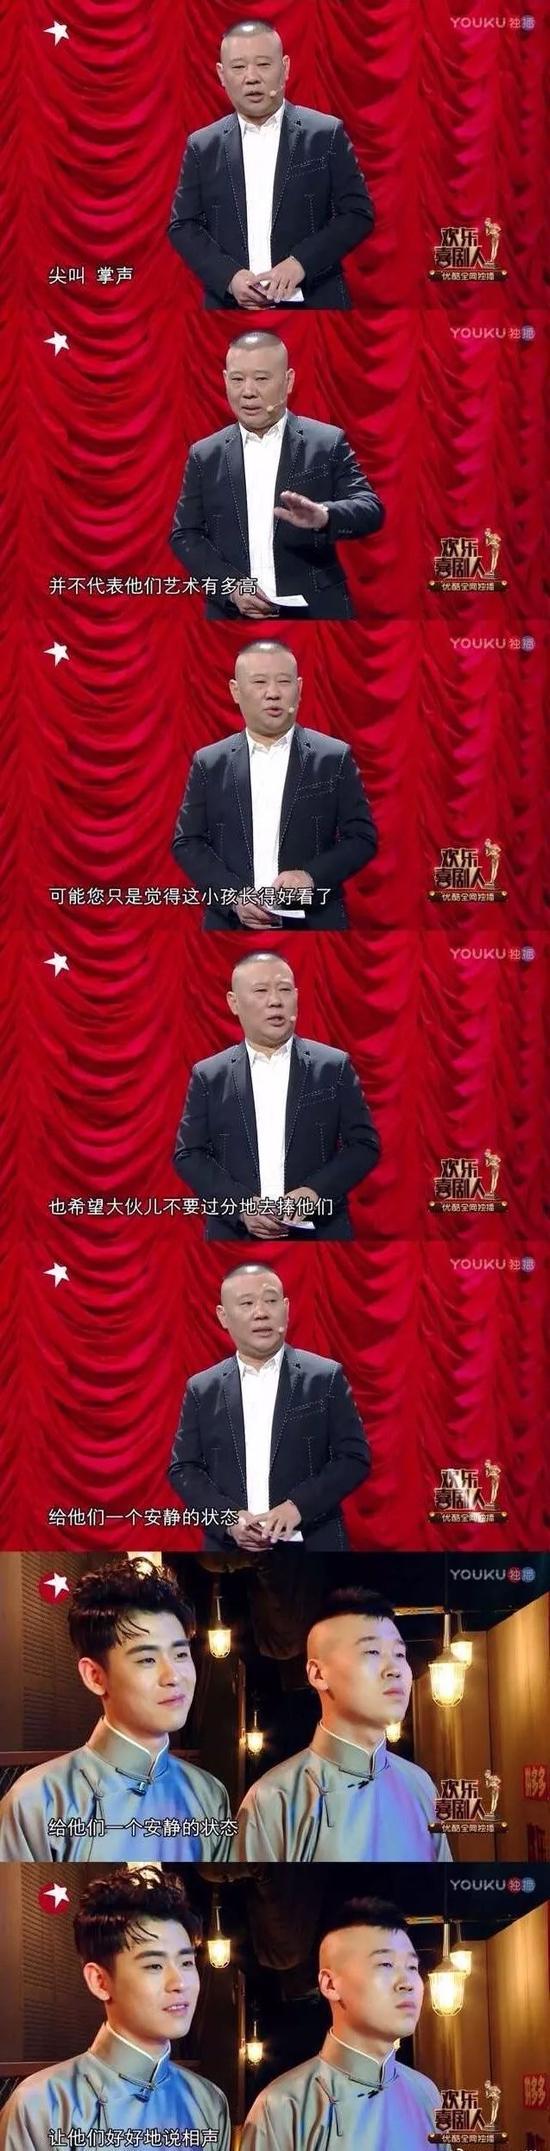 张云雷,让粉丝把德云社追成AKB女团的相声演员